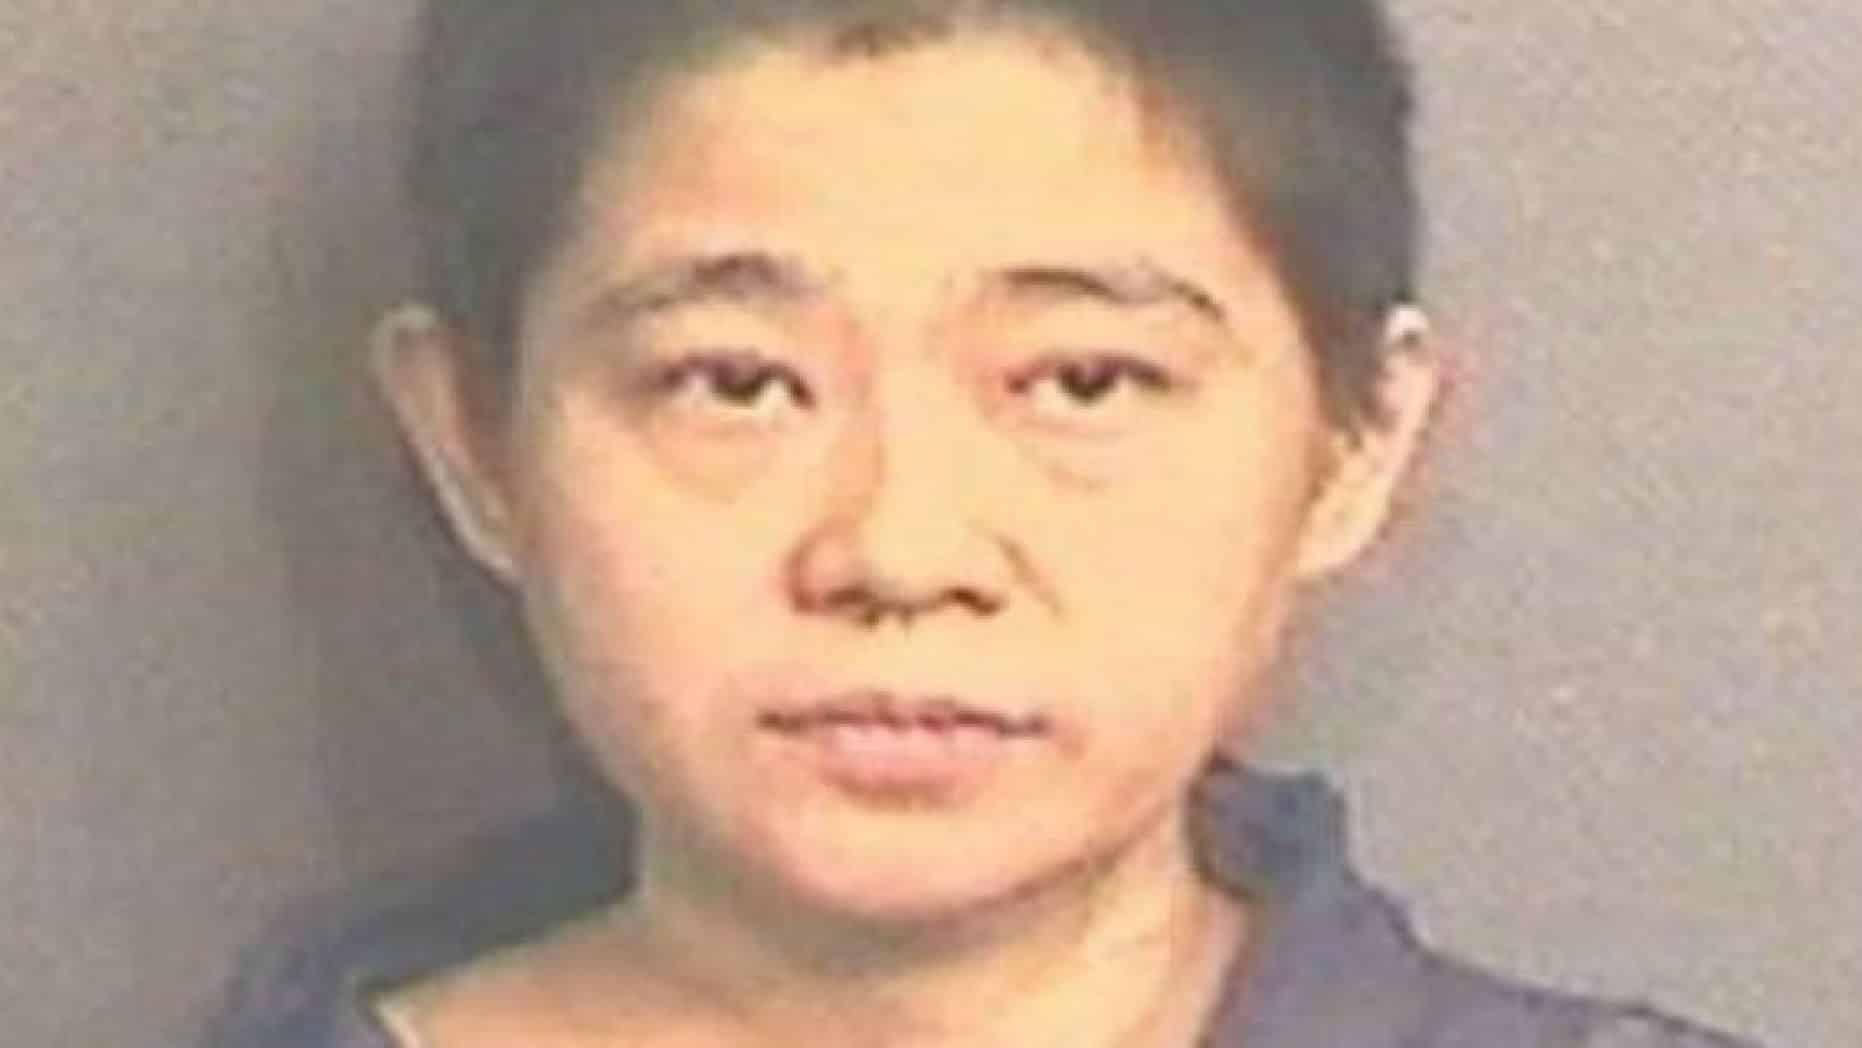 Mamma depressa uccide il figlio di 5 anni decapitandolo, il corpicino del piccolo gettato nel bidone della spazzatura